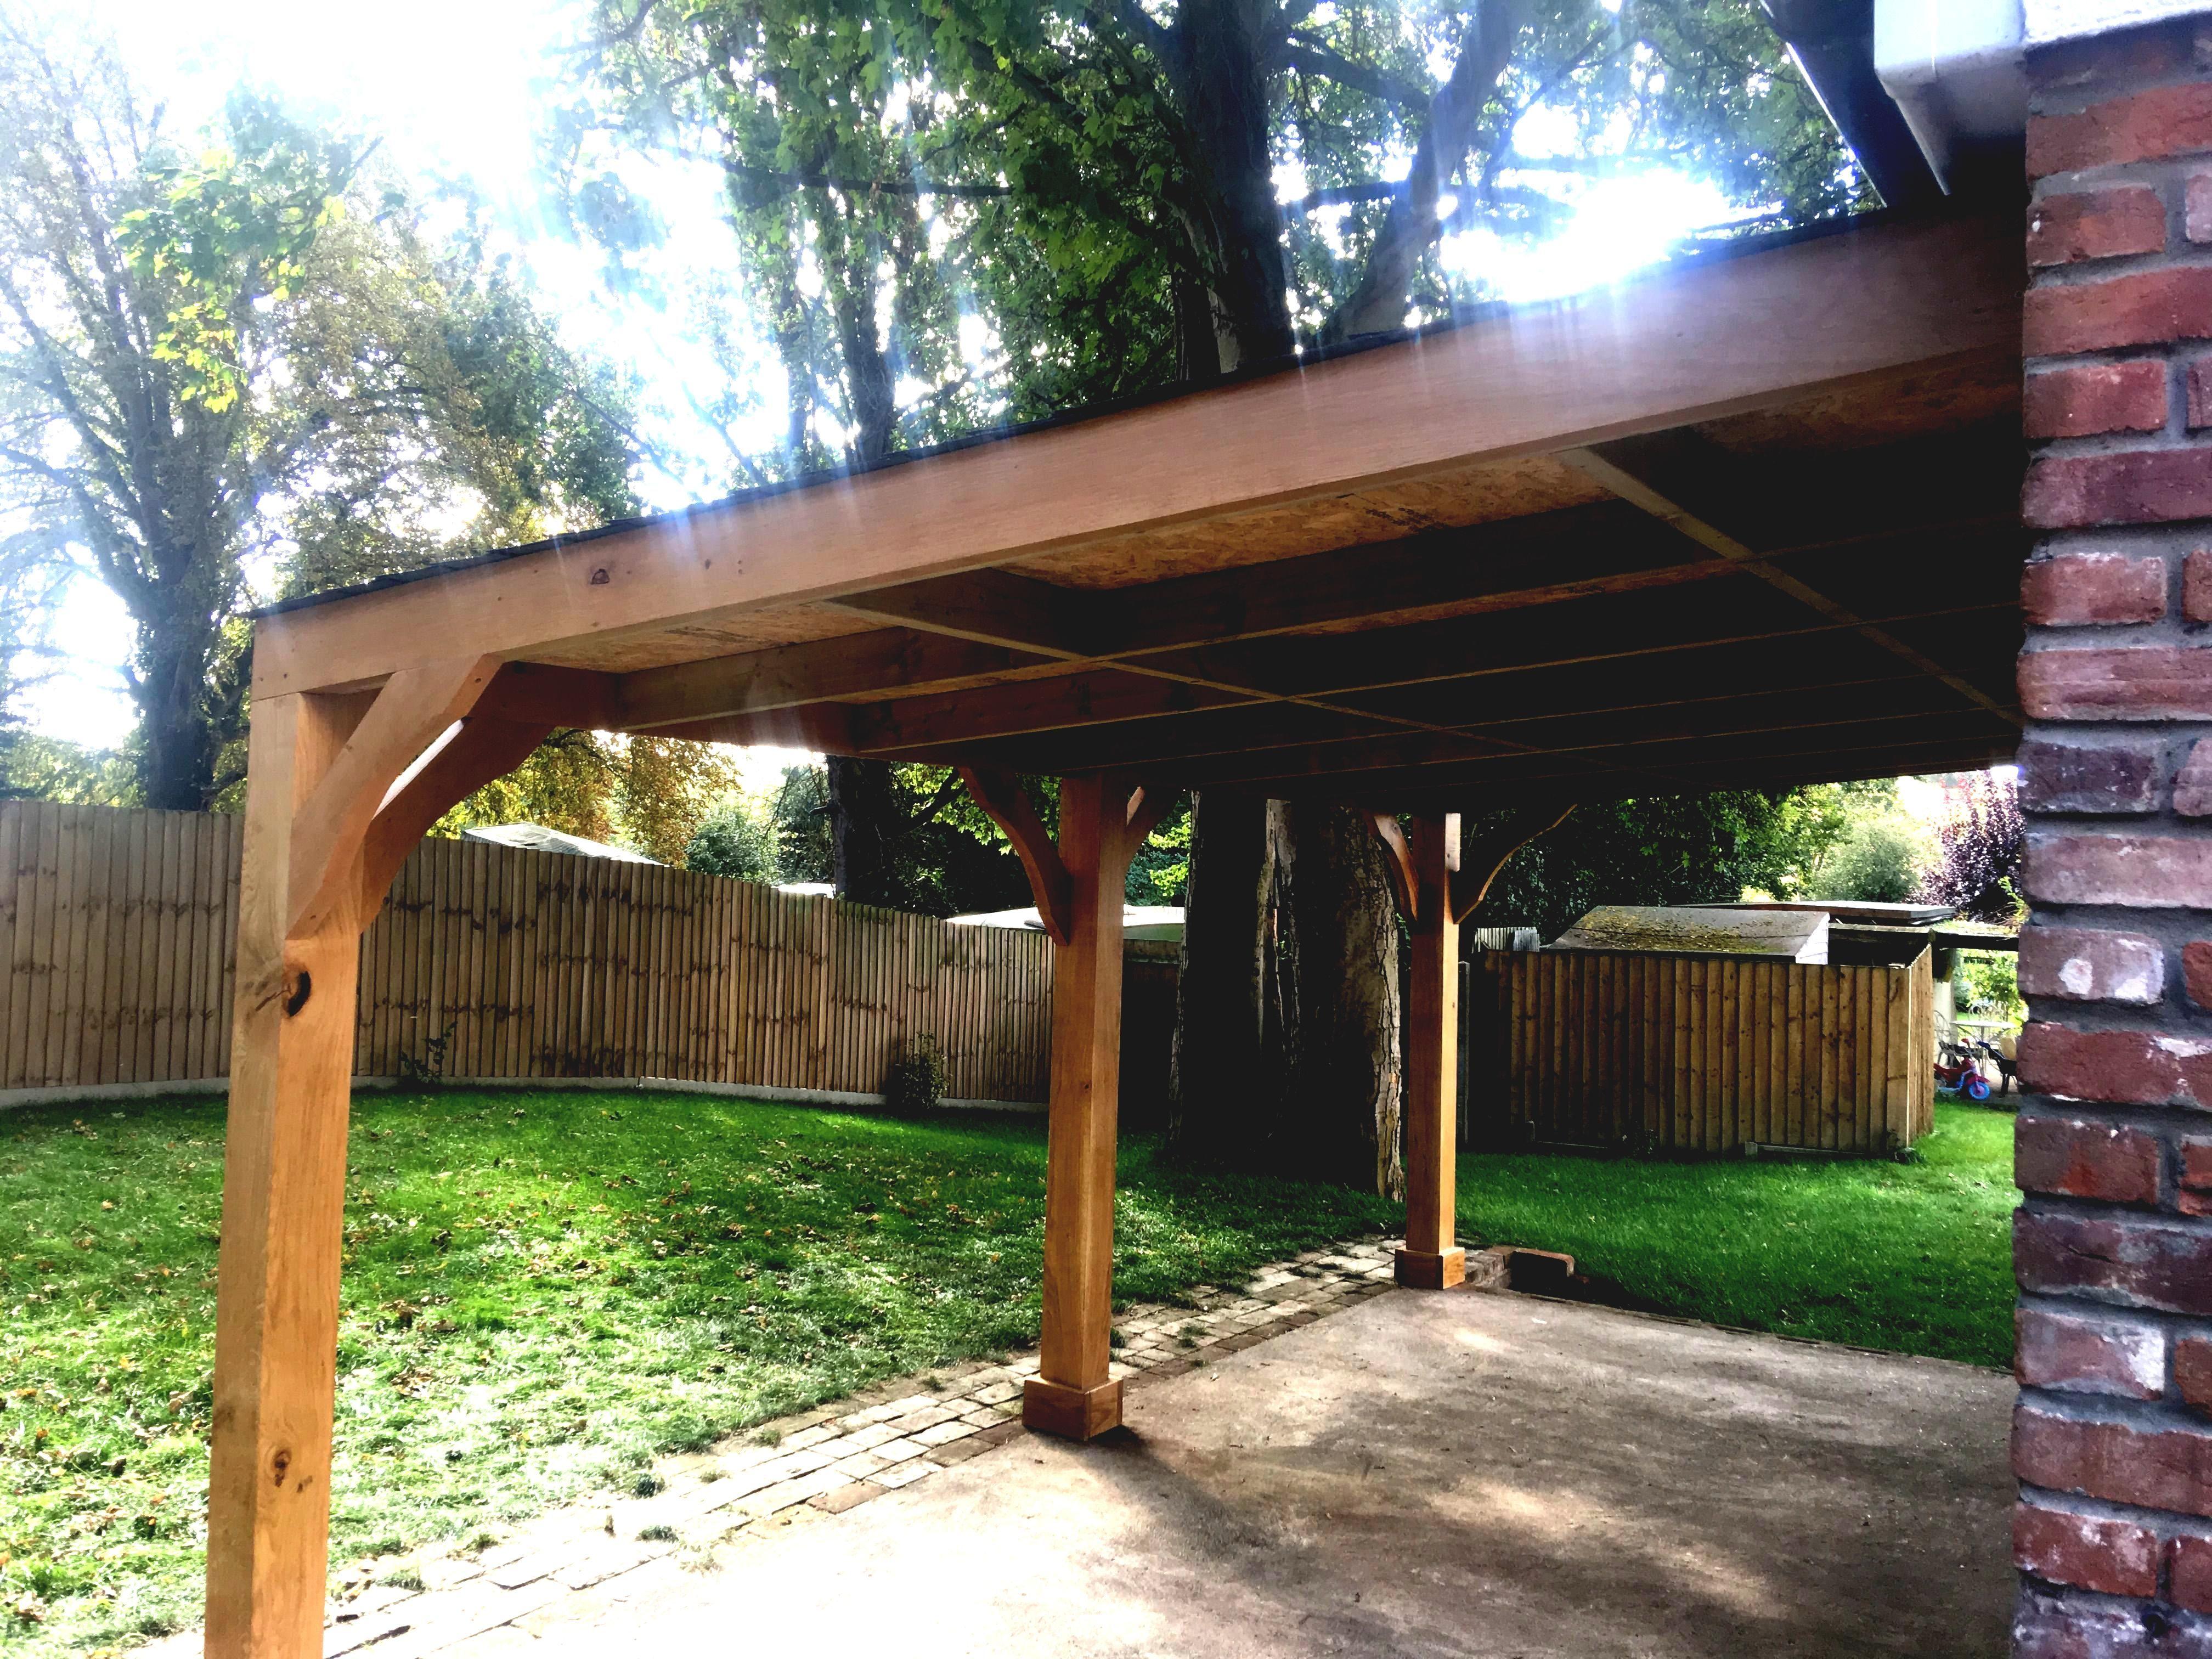 Wood Carports For Sale Plans Wood Furniture Plans Review Carport Designs Building A Carport Carport Plans